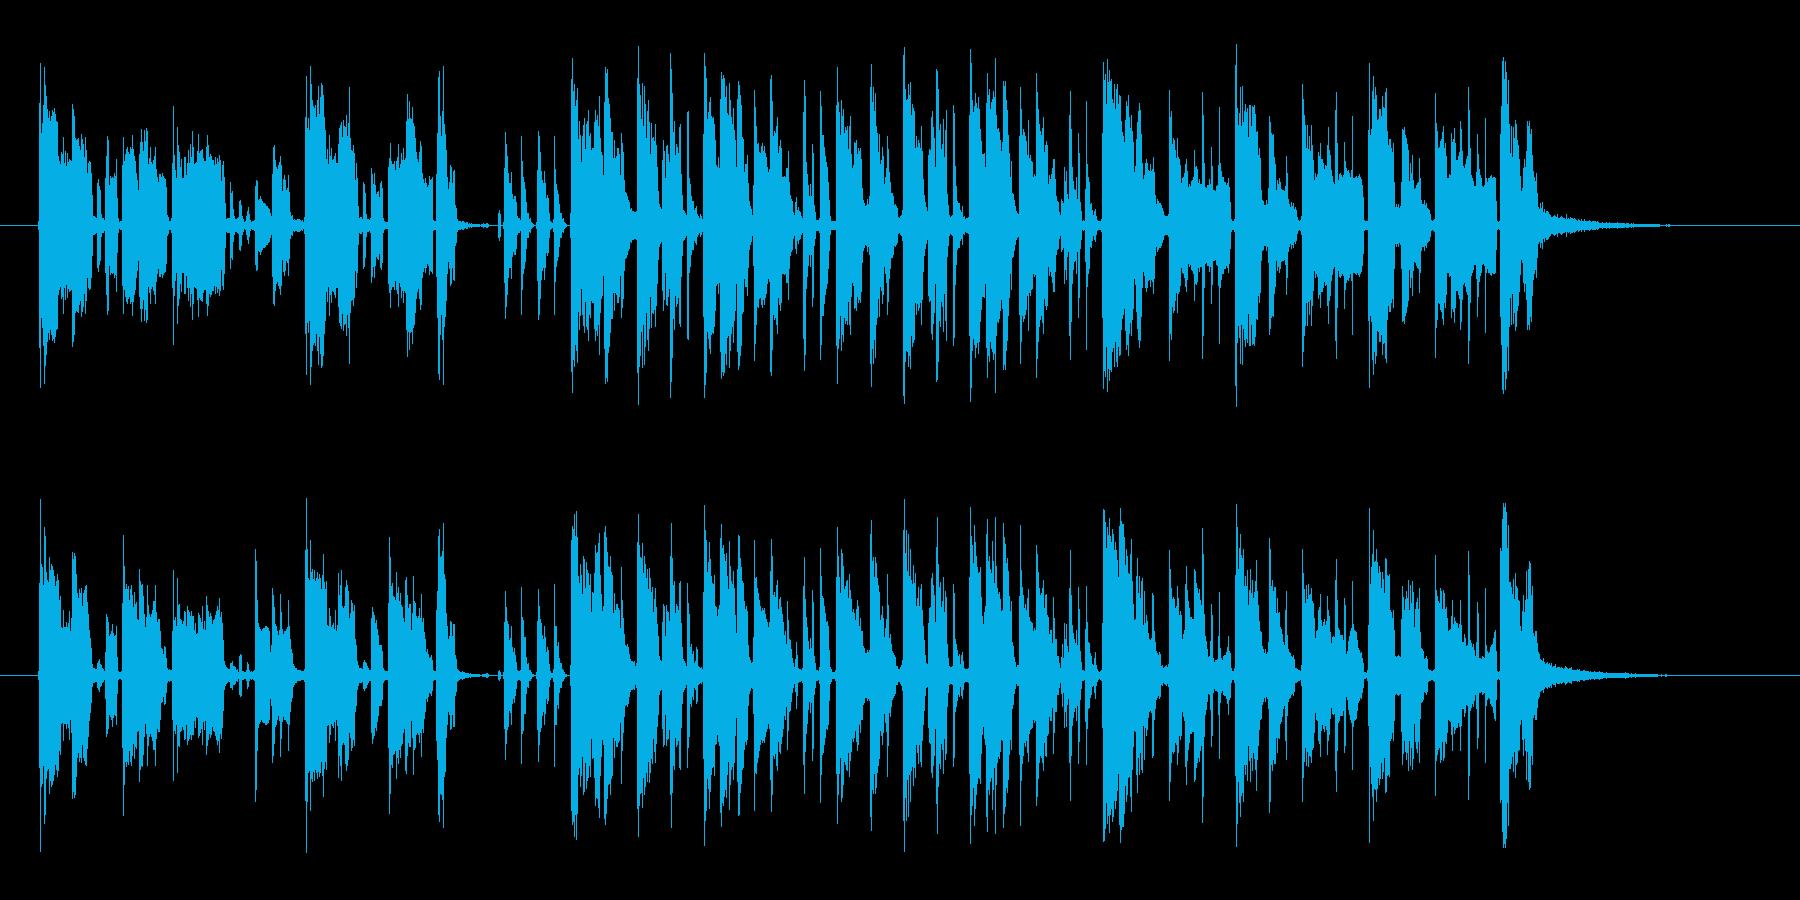 軽快で現代的なギターサウンドの再生済みの波形